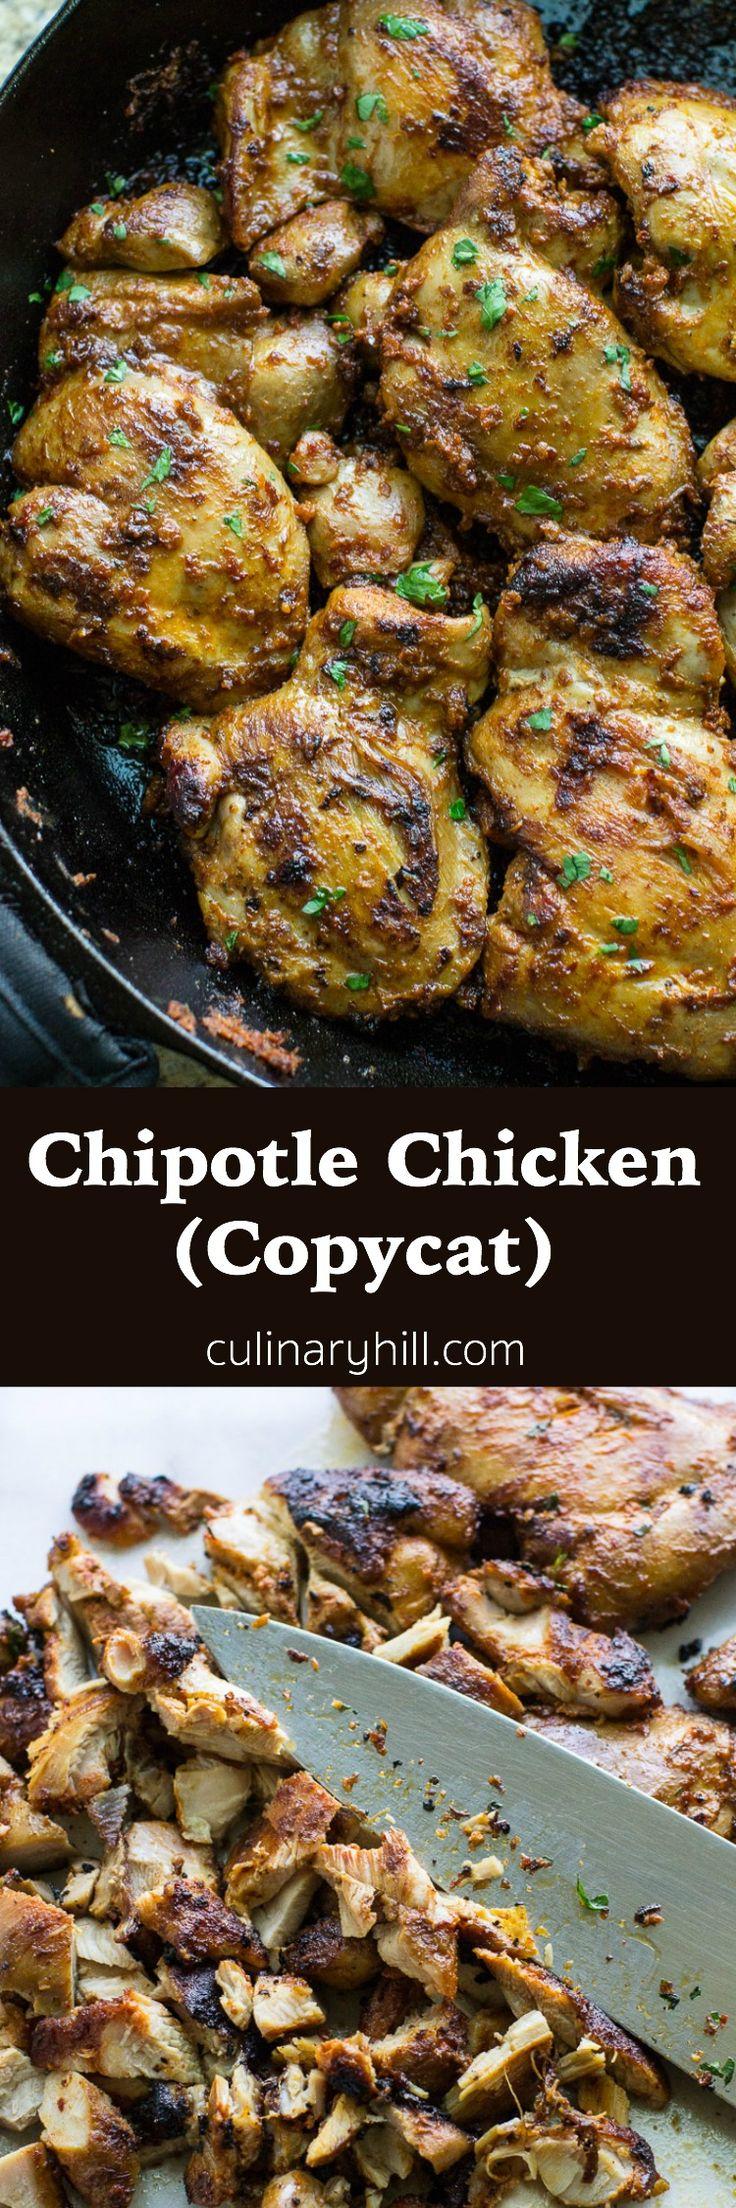 Chipotle Chicken Recipe | Culinary Hill